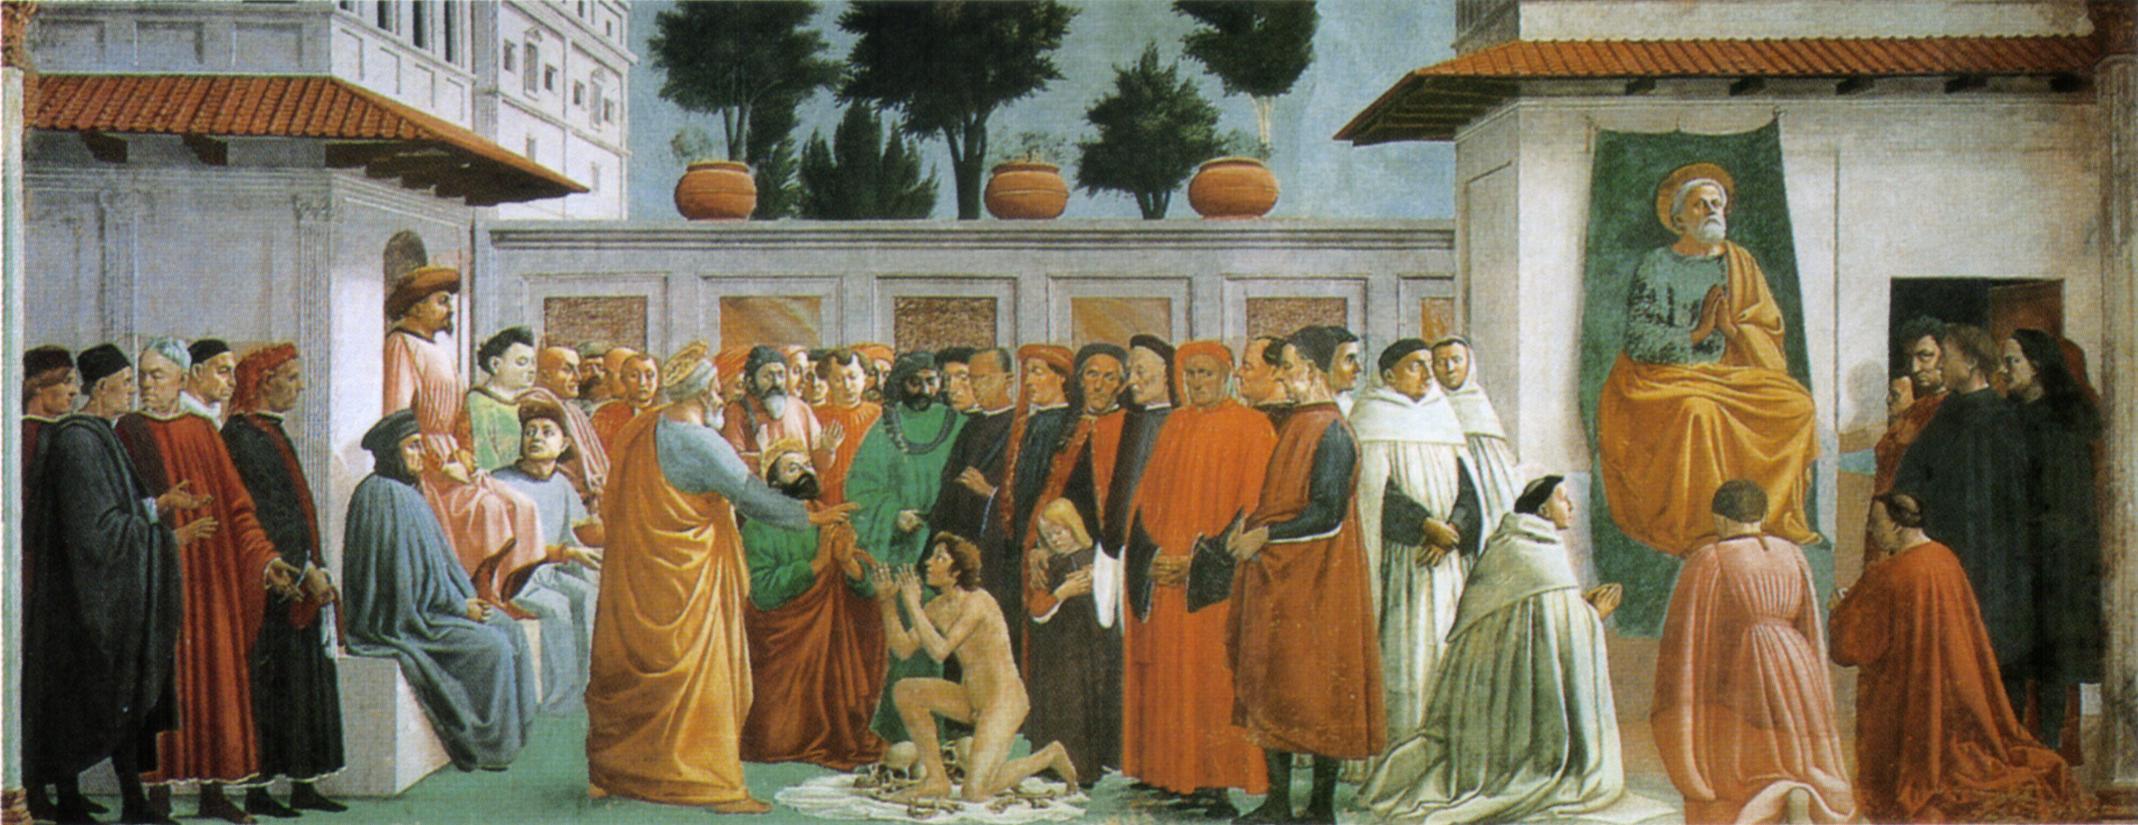 Masaccio  ASPASIA